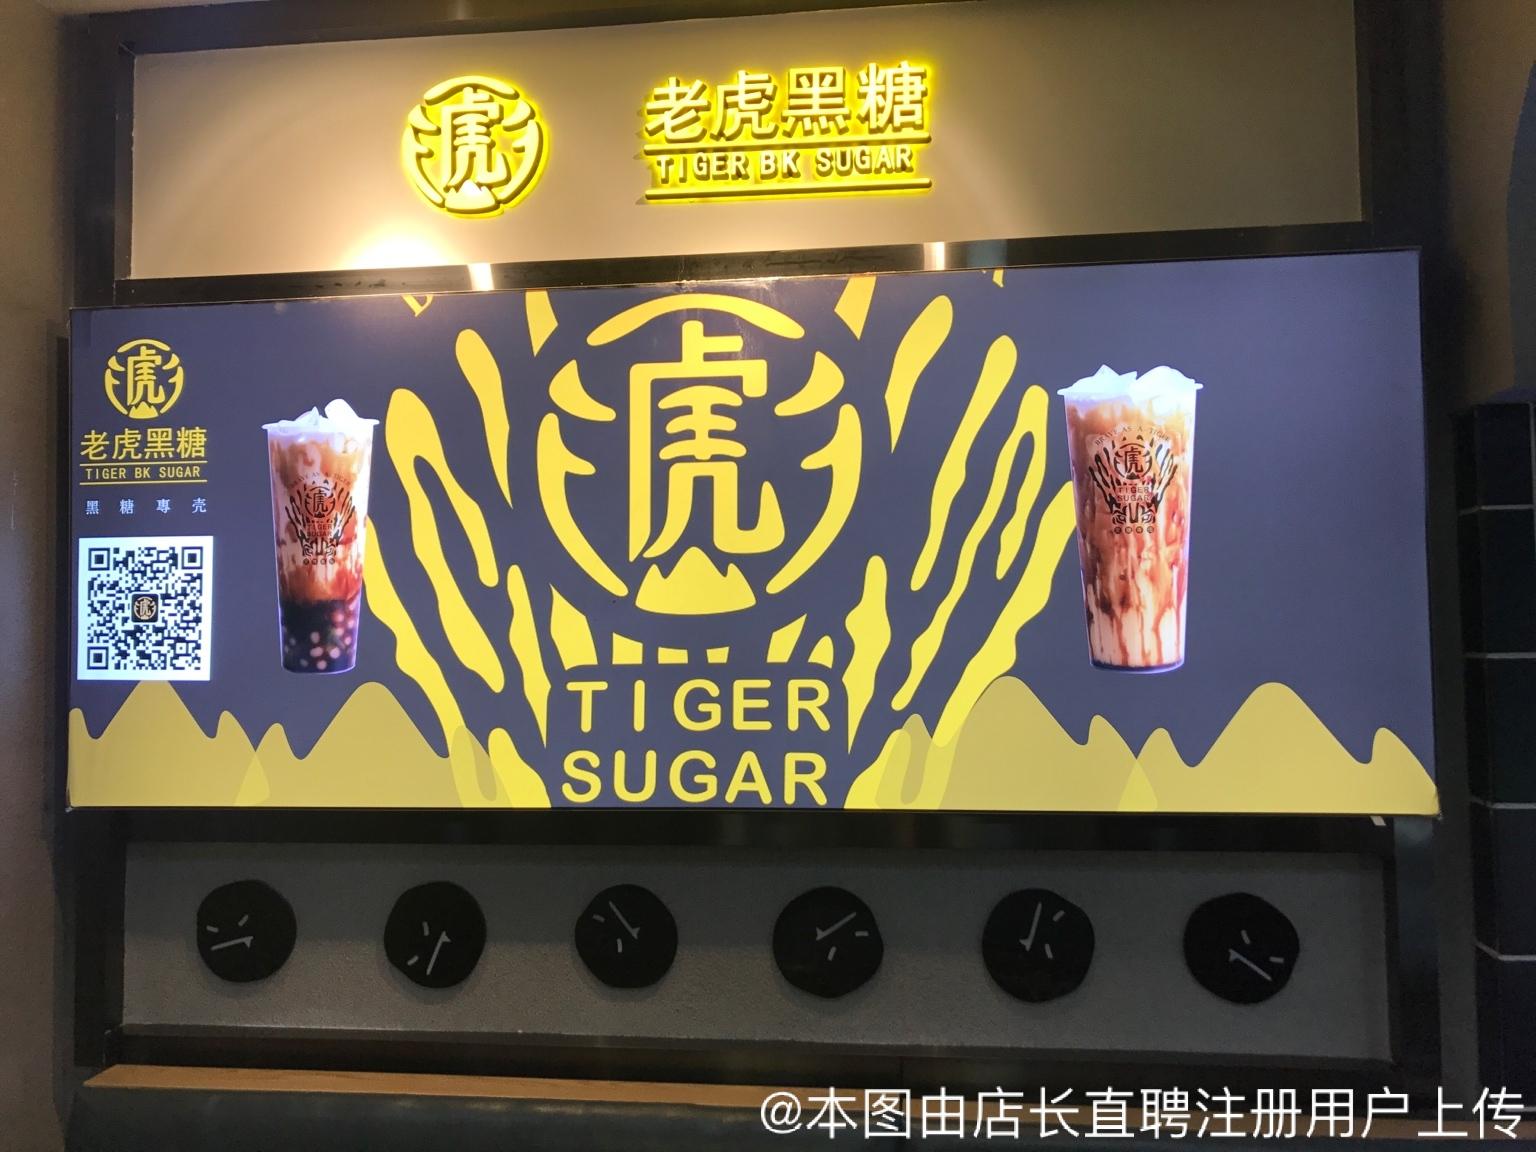 北京金地格润物业管理有限责任公司西城第五商品部